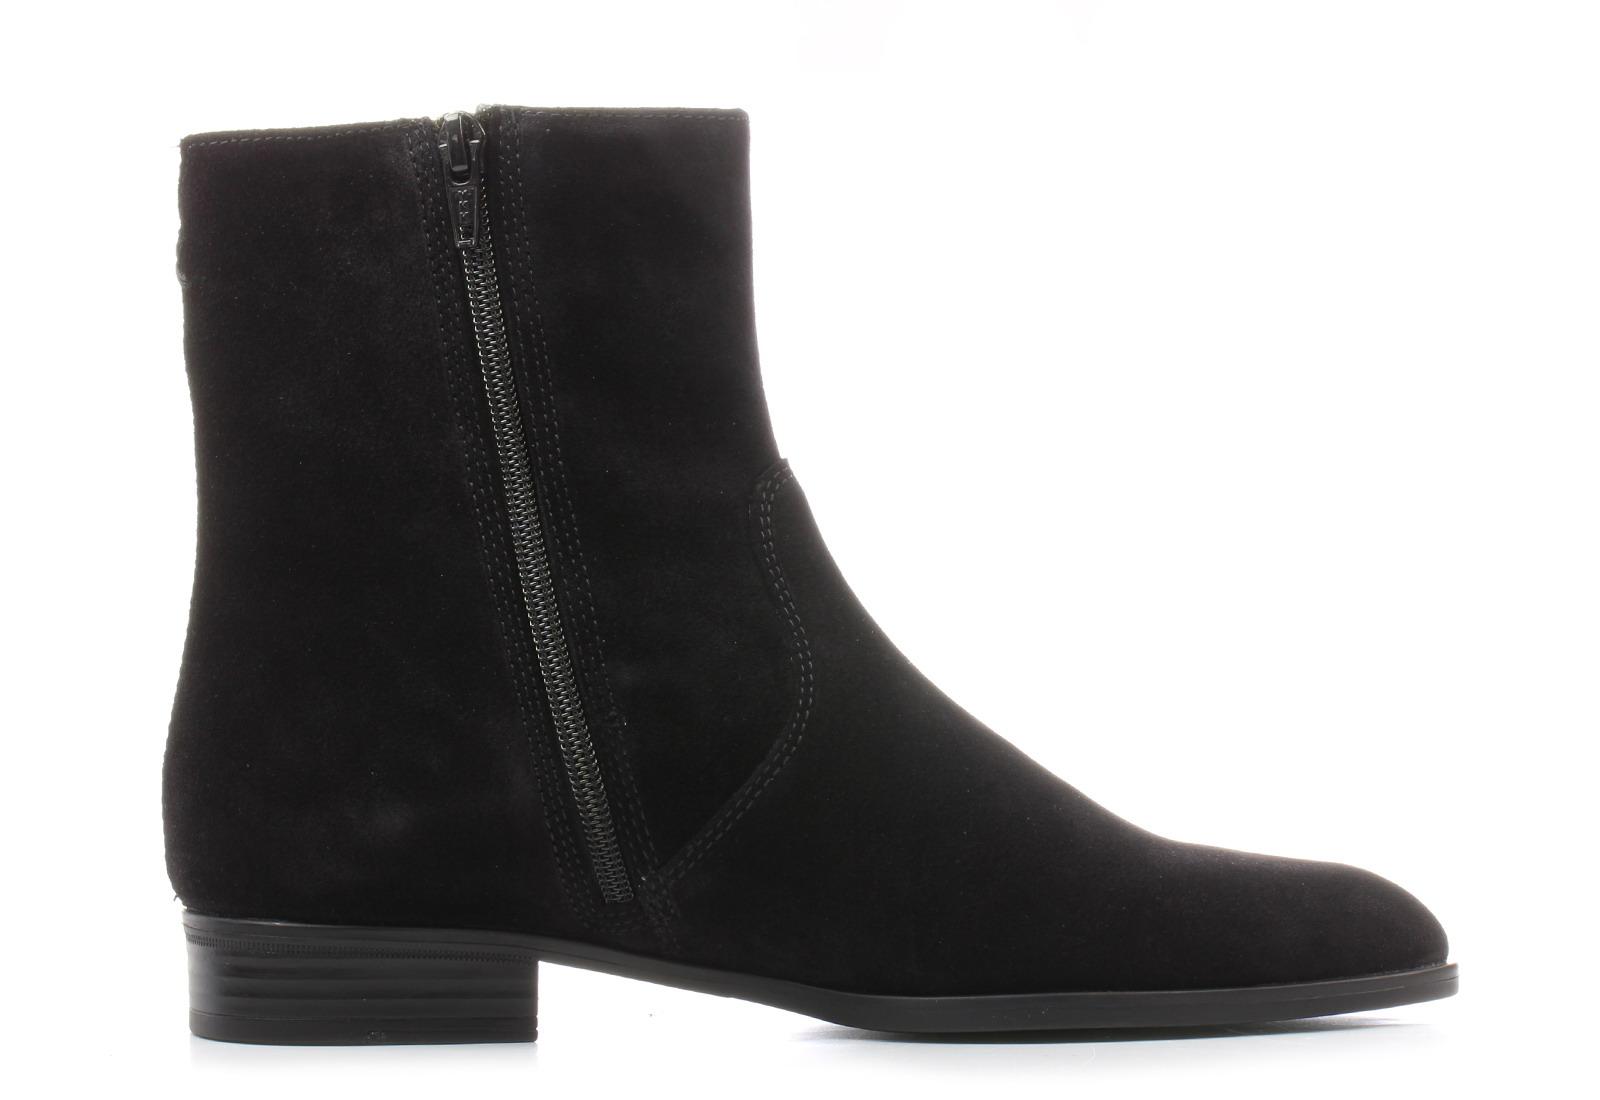 2e331c706c82 Vagabond Csizma - Frances Sister - 4607-140-20 - Office Shoes ...